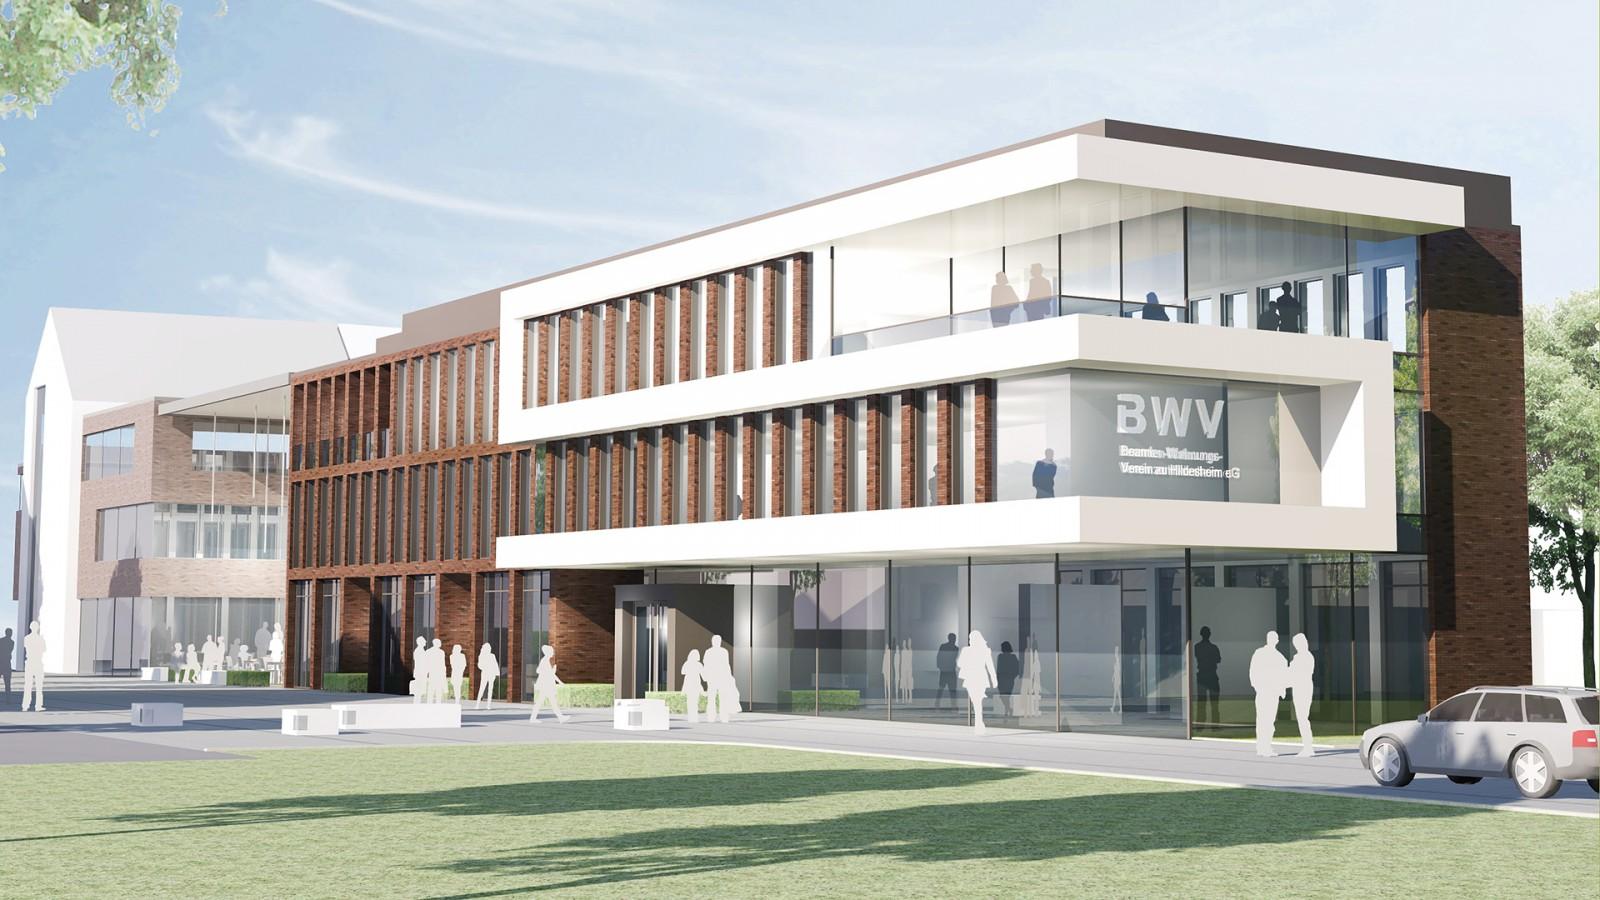 Innenarchitekturbüro  Wettbewerb BWV - JUNG - Architekturbüro, Innenarchitekturbüro ...